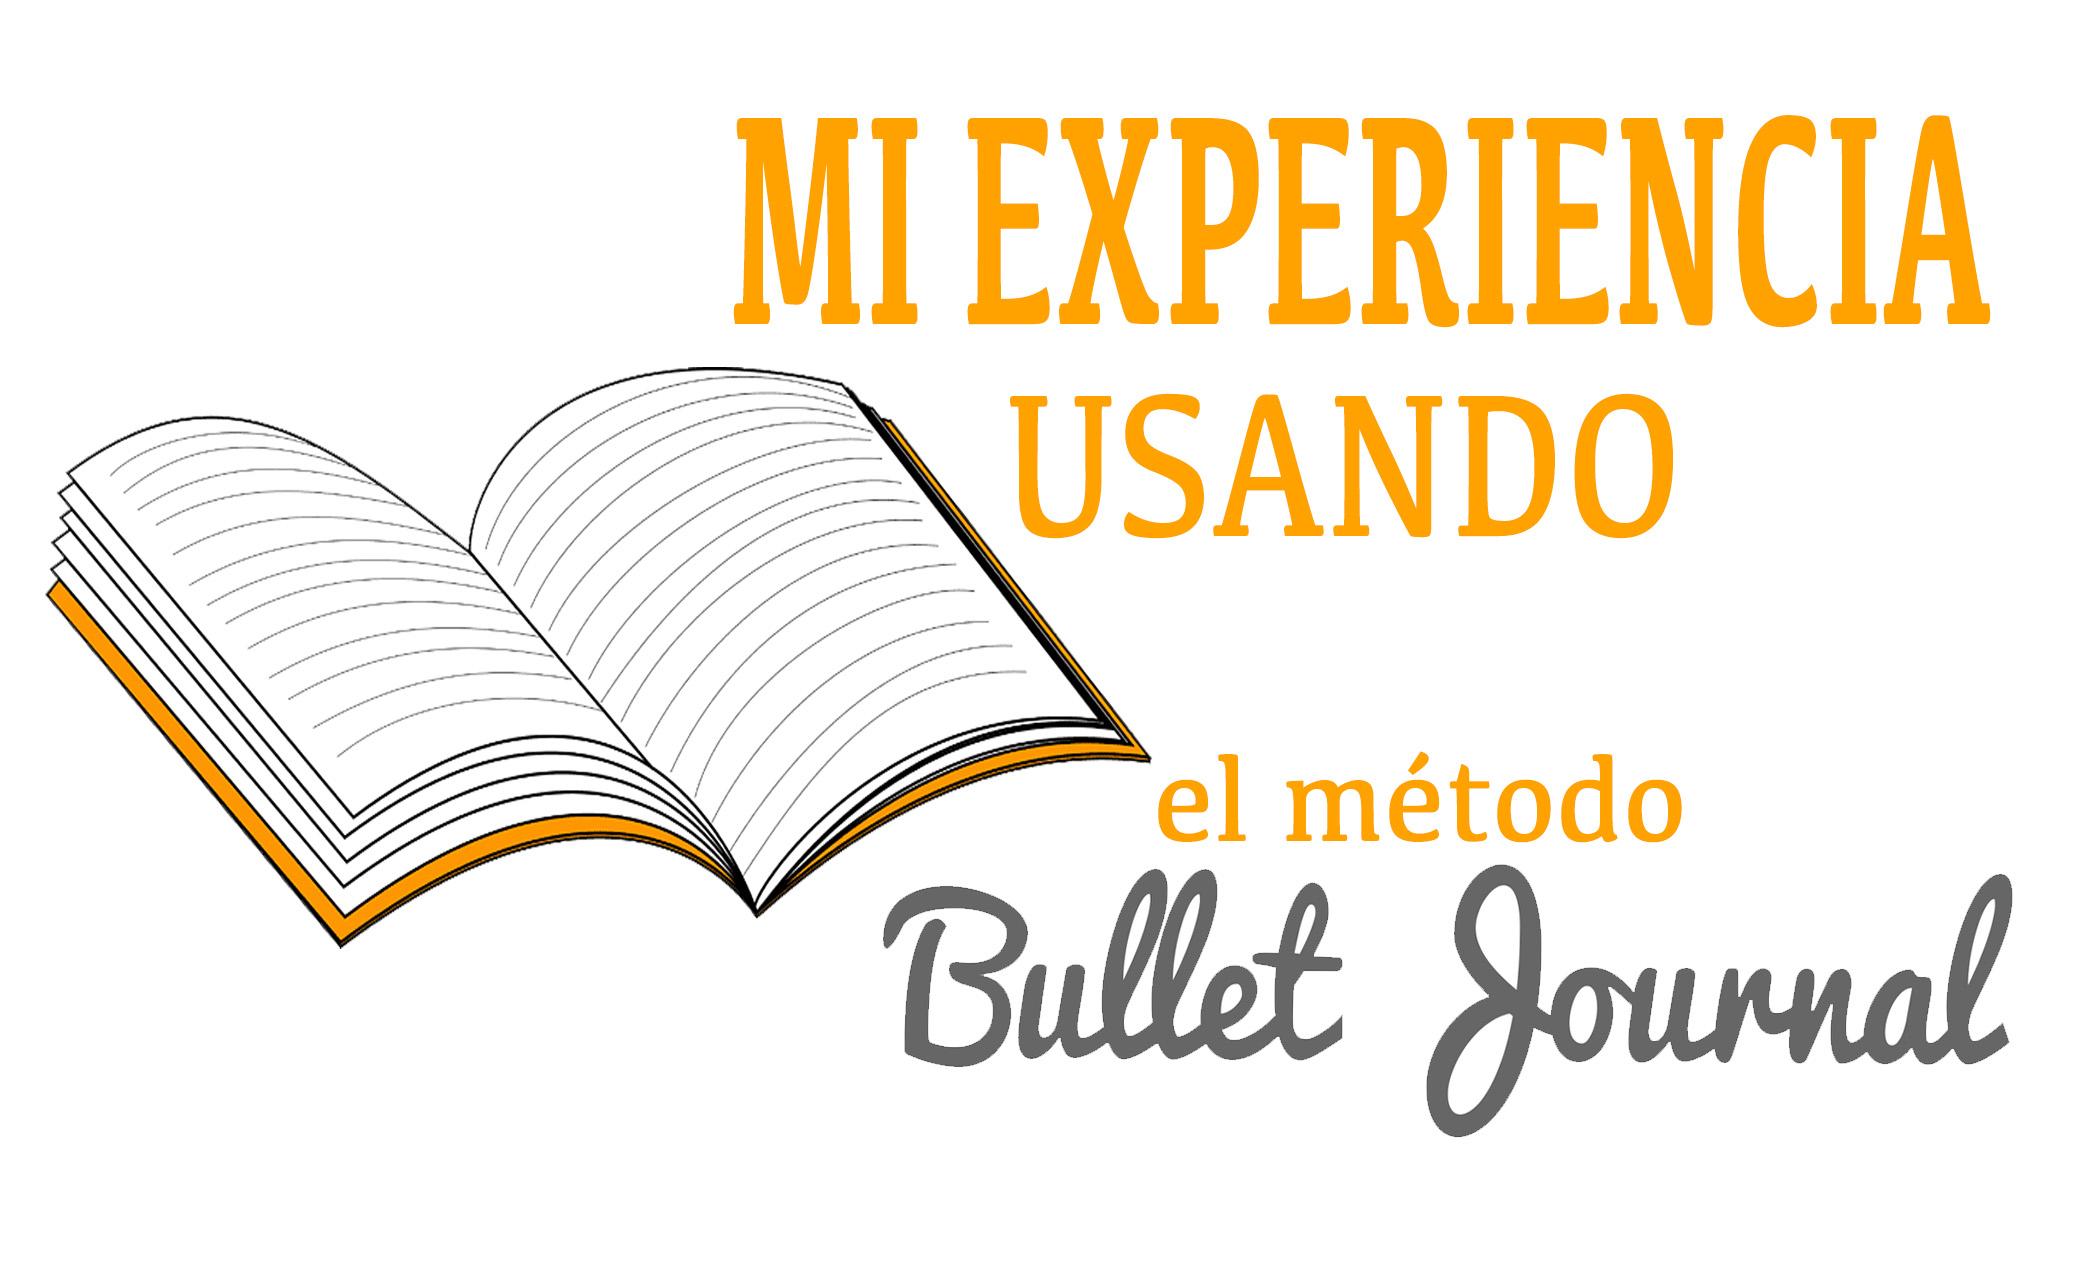 mi experiencia-usando-el-metodo-bullet-journal